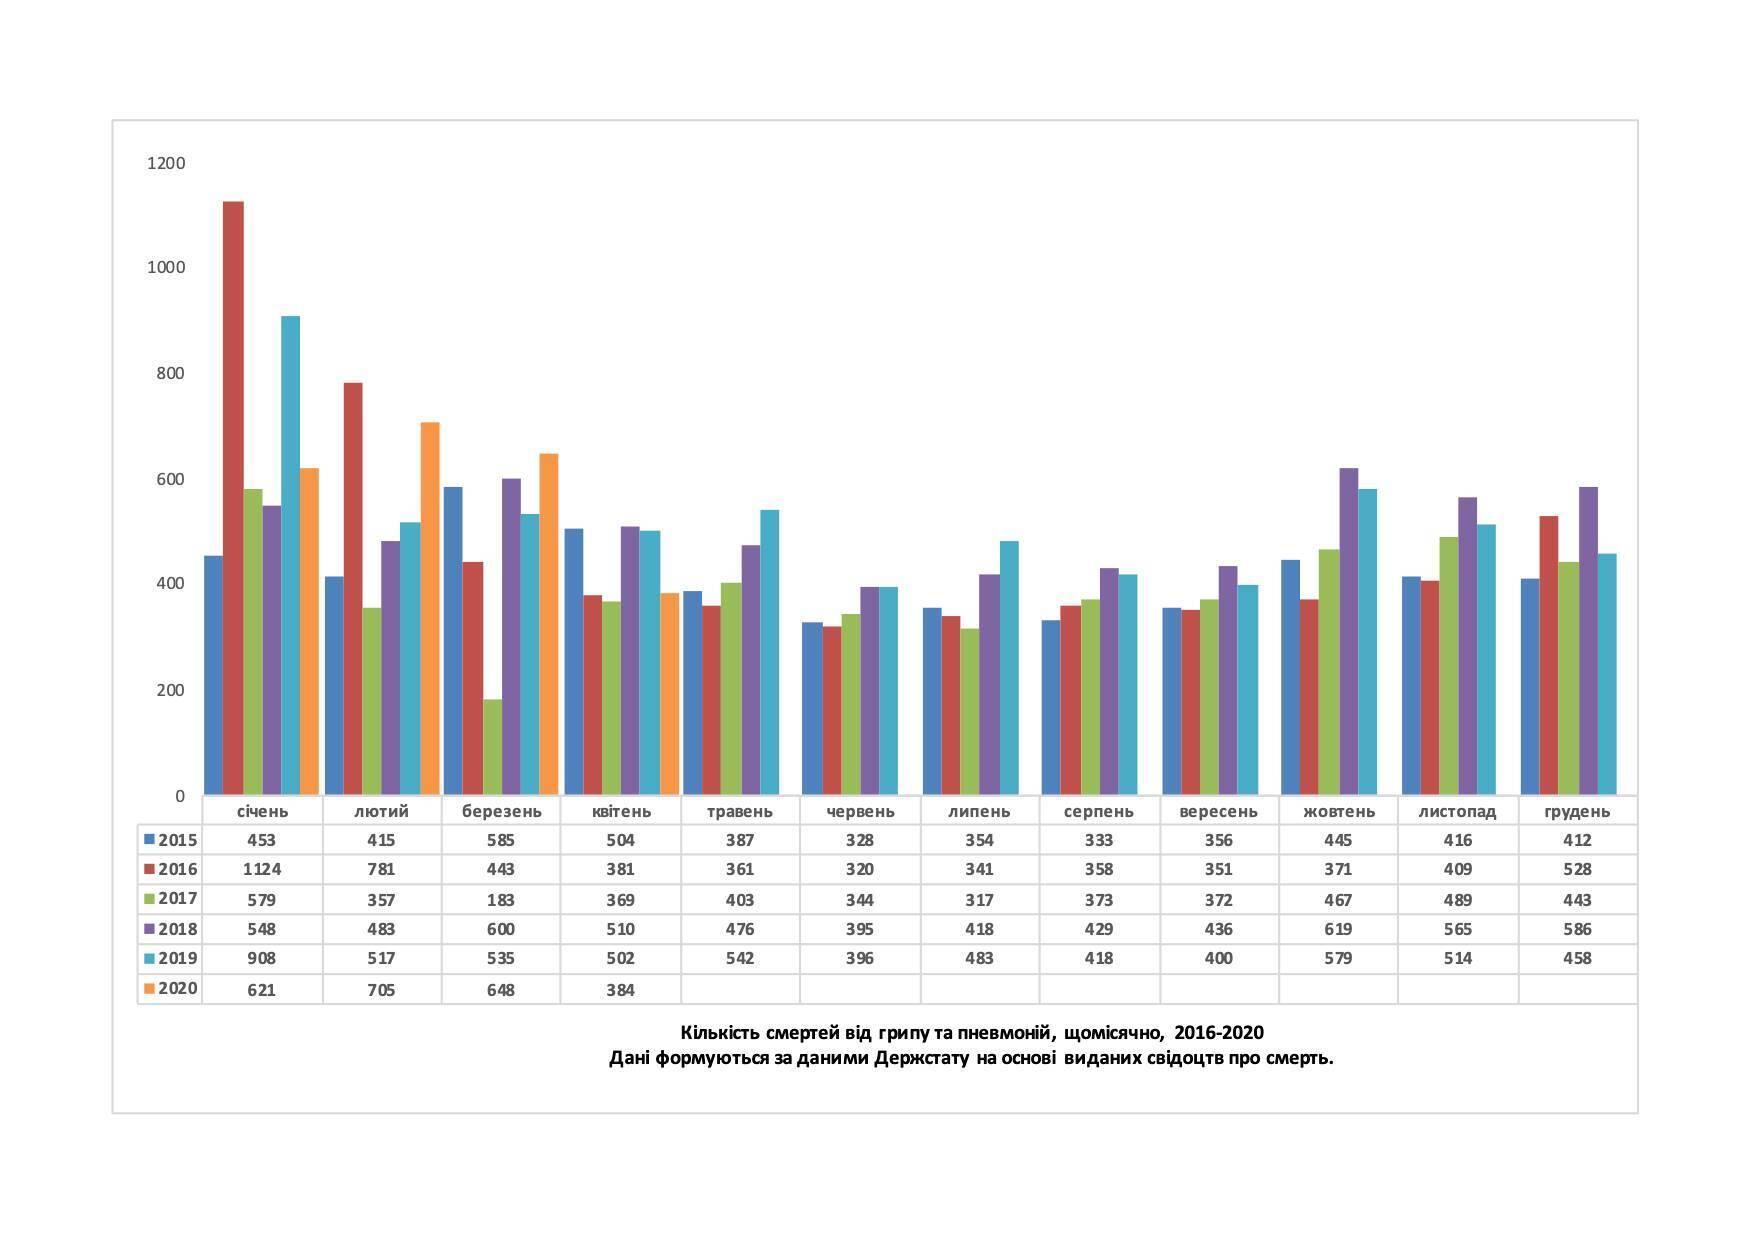 Кількість смертей від грипу і пневмонії за 2016-2020 роки